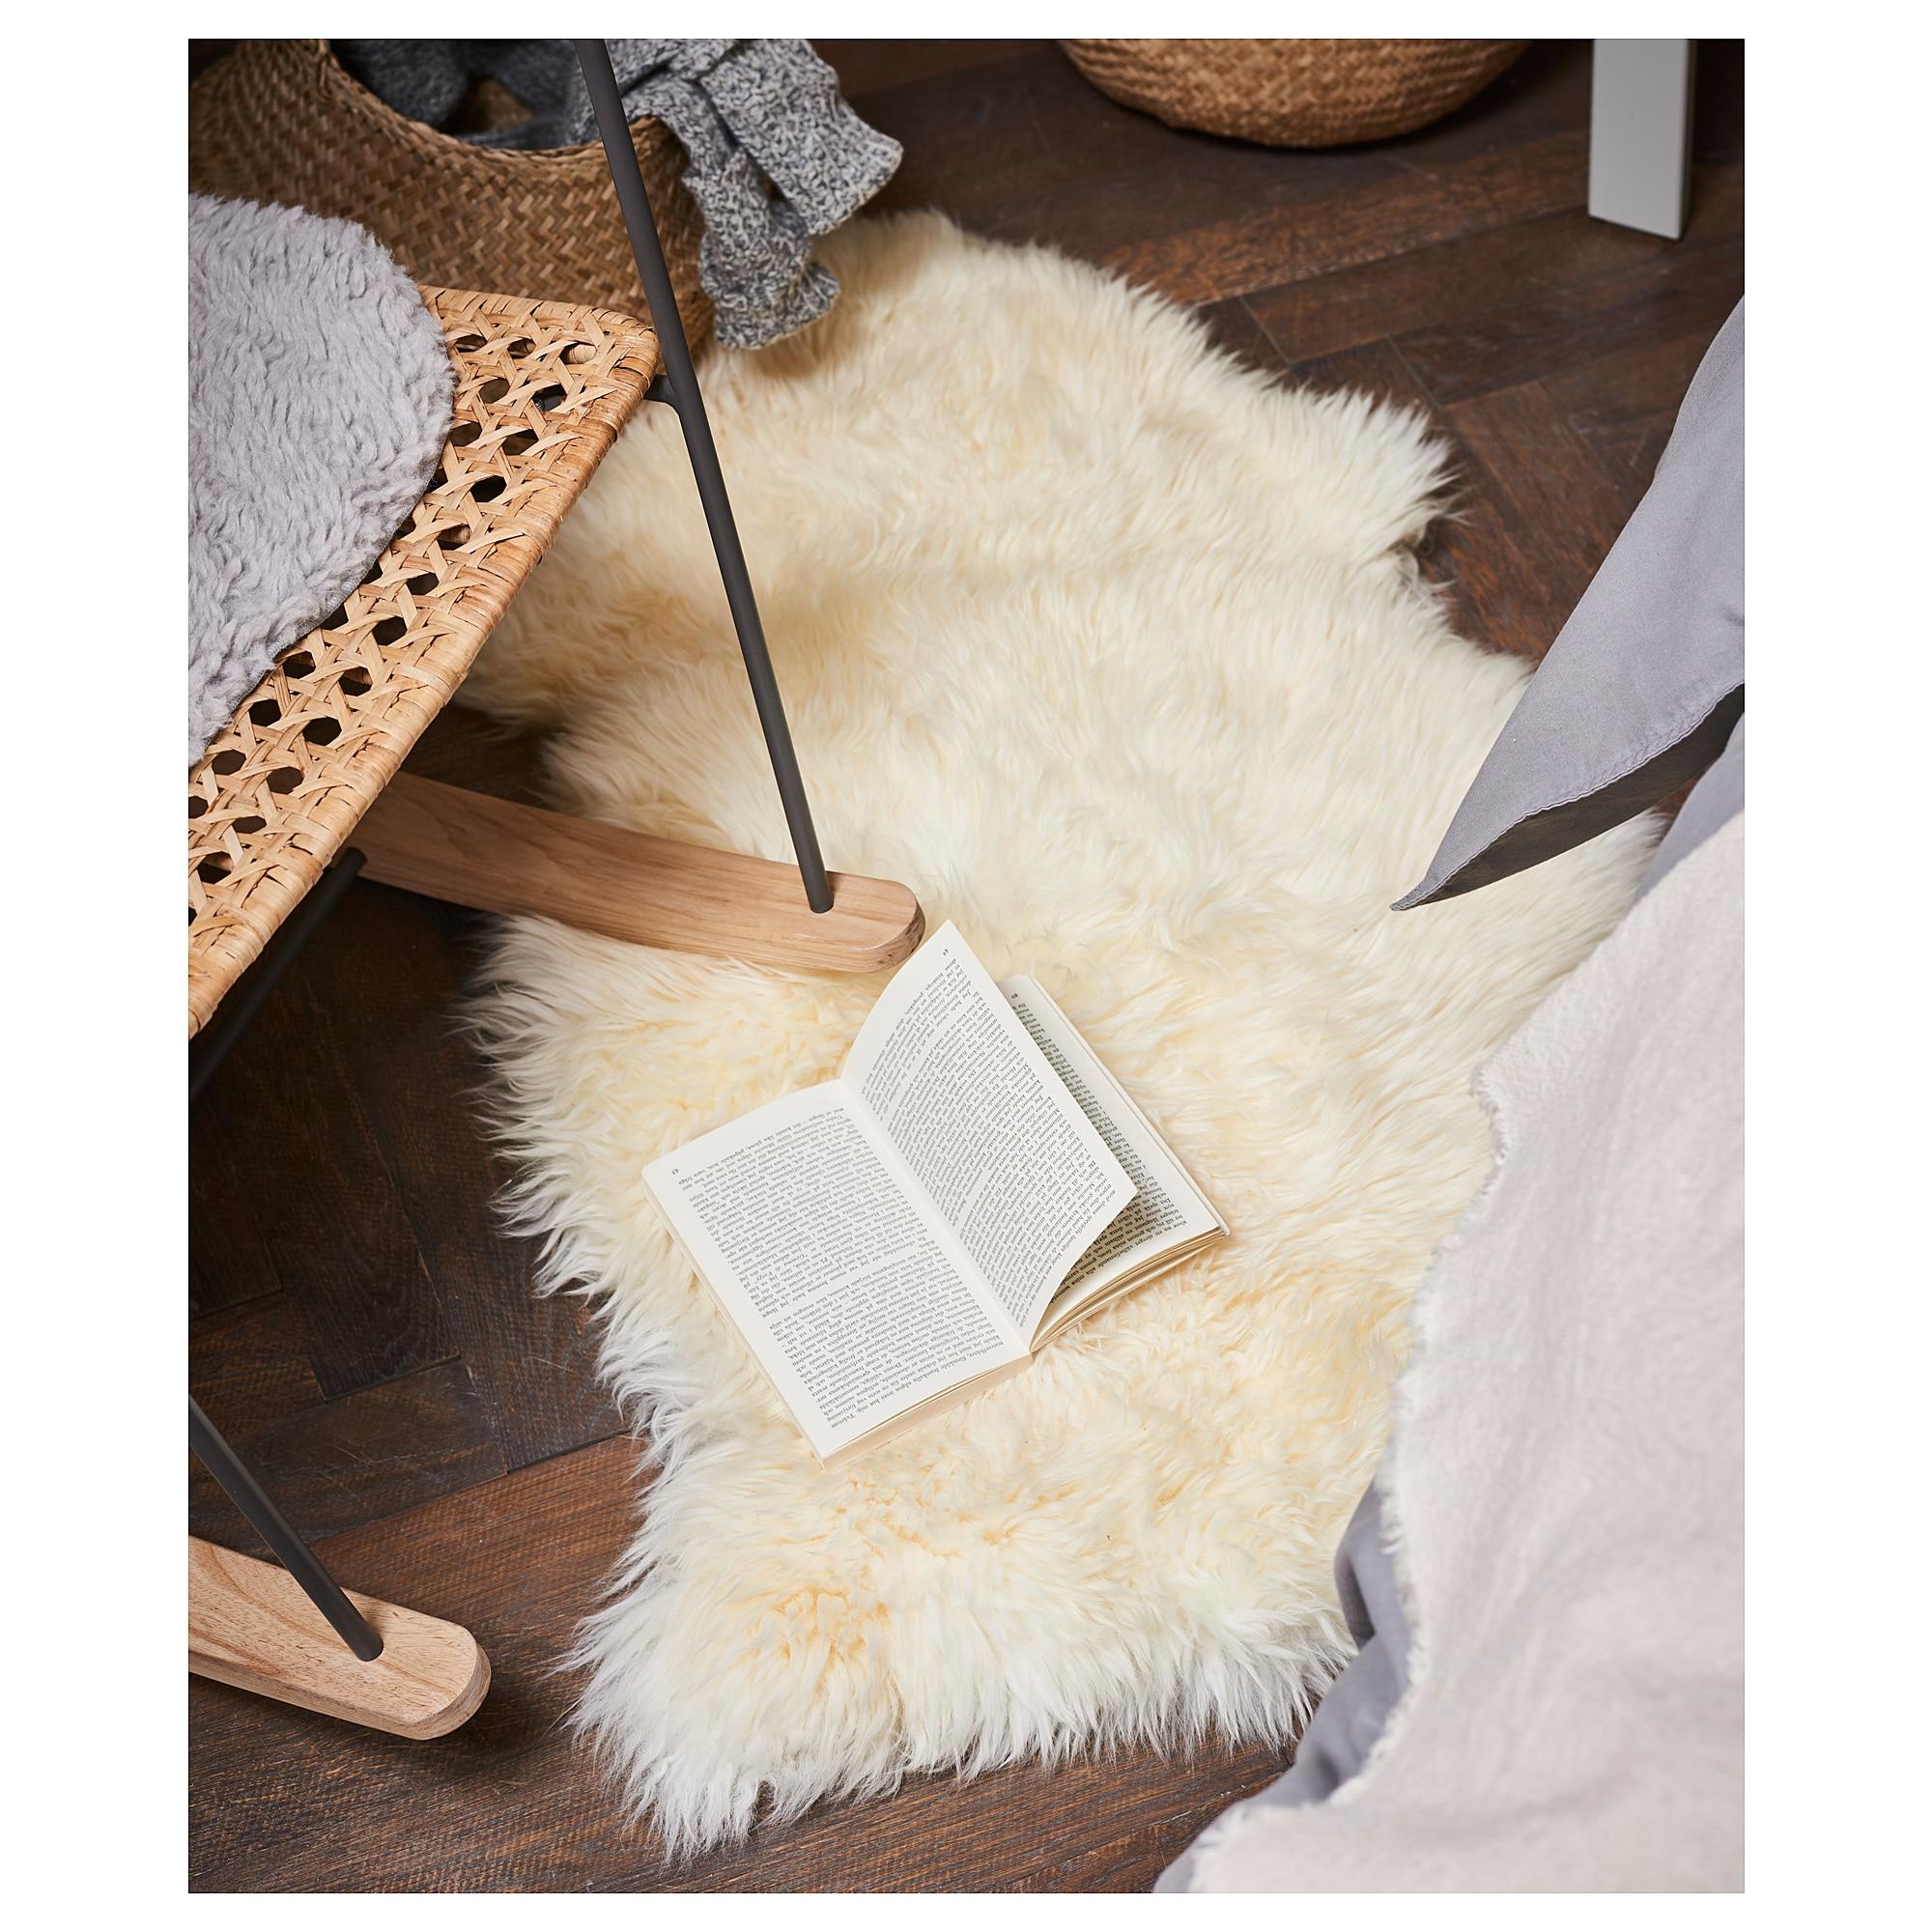 Коврик из самой настоящей овечьей шерсти. Он украсит не только пол, но и любую мебель, станет изюминкой интерьера. Удивительно, но этот коврик из овчины можно постирать в стиральной машинке на деликатной стирке!